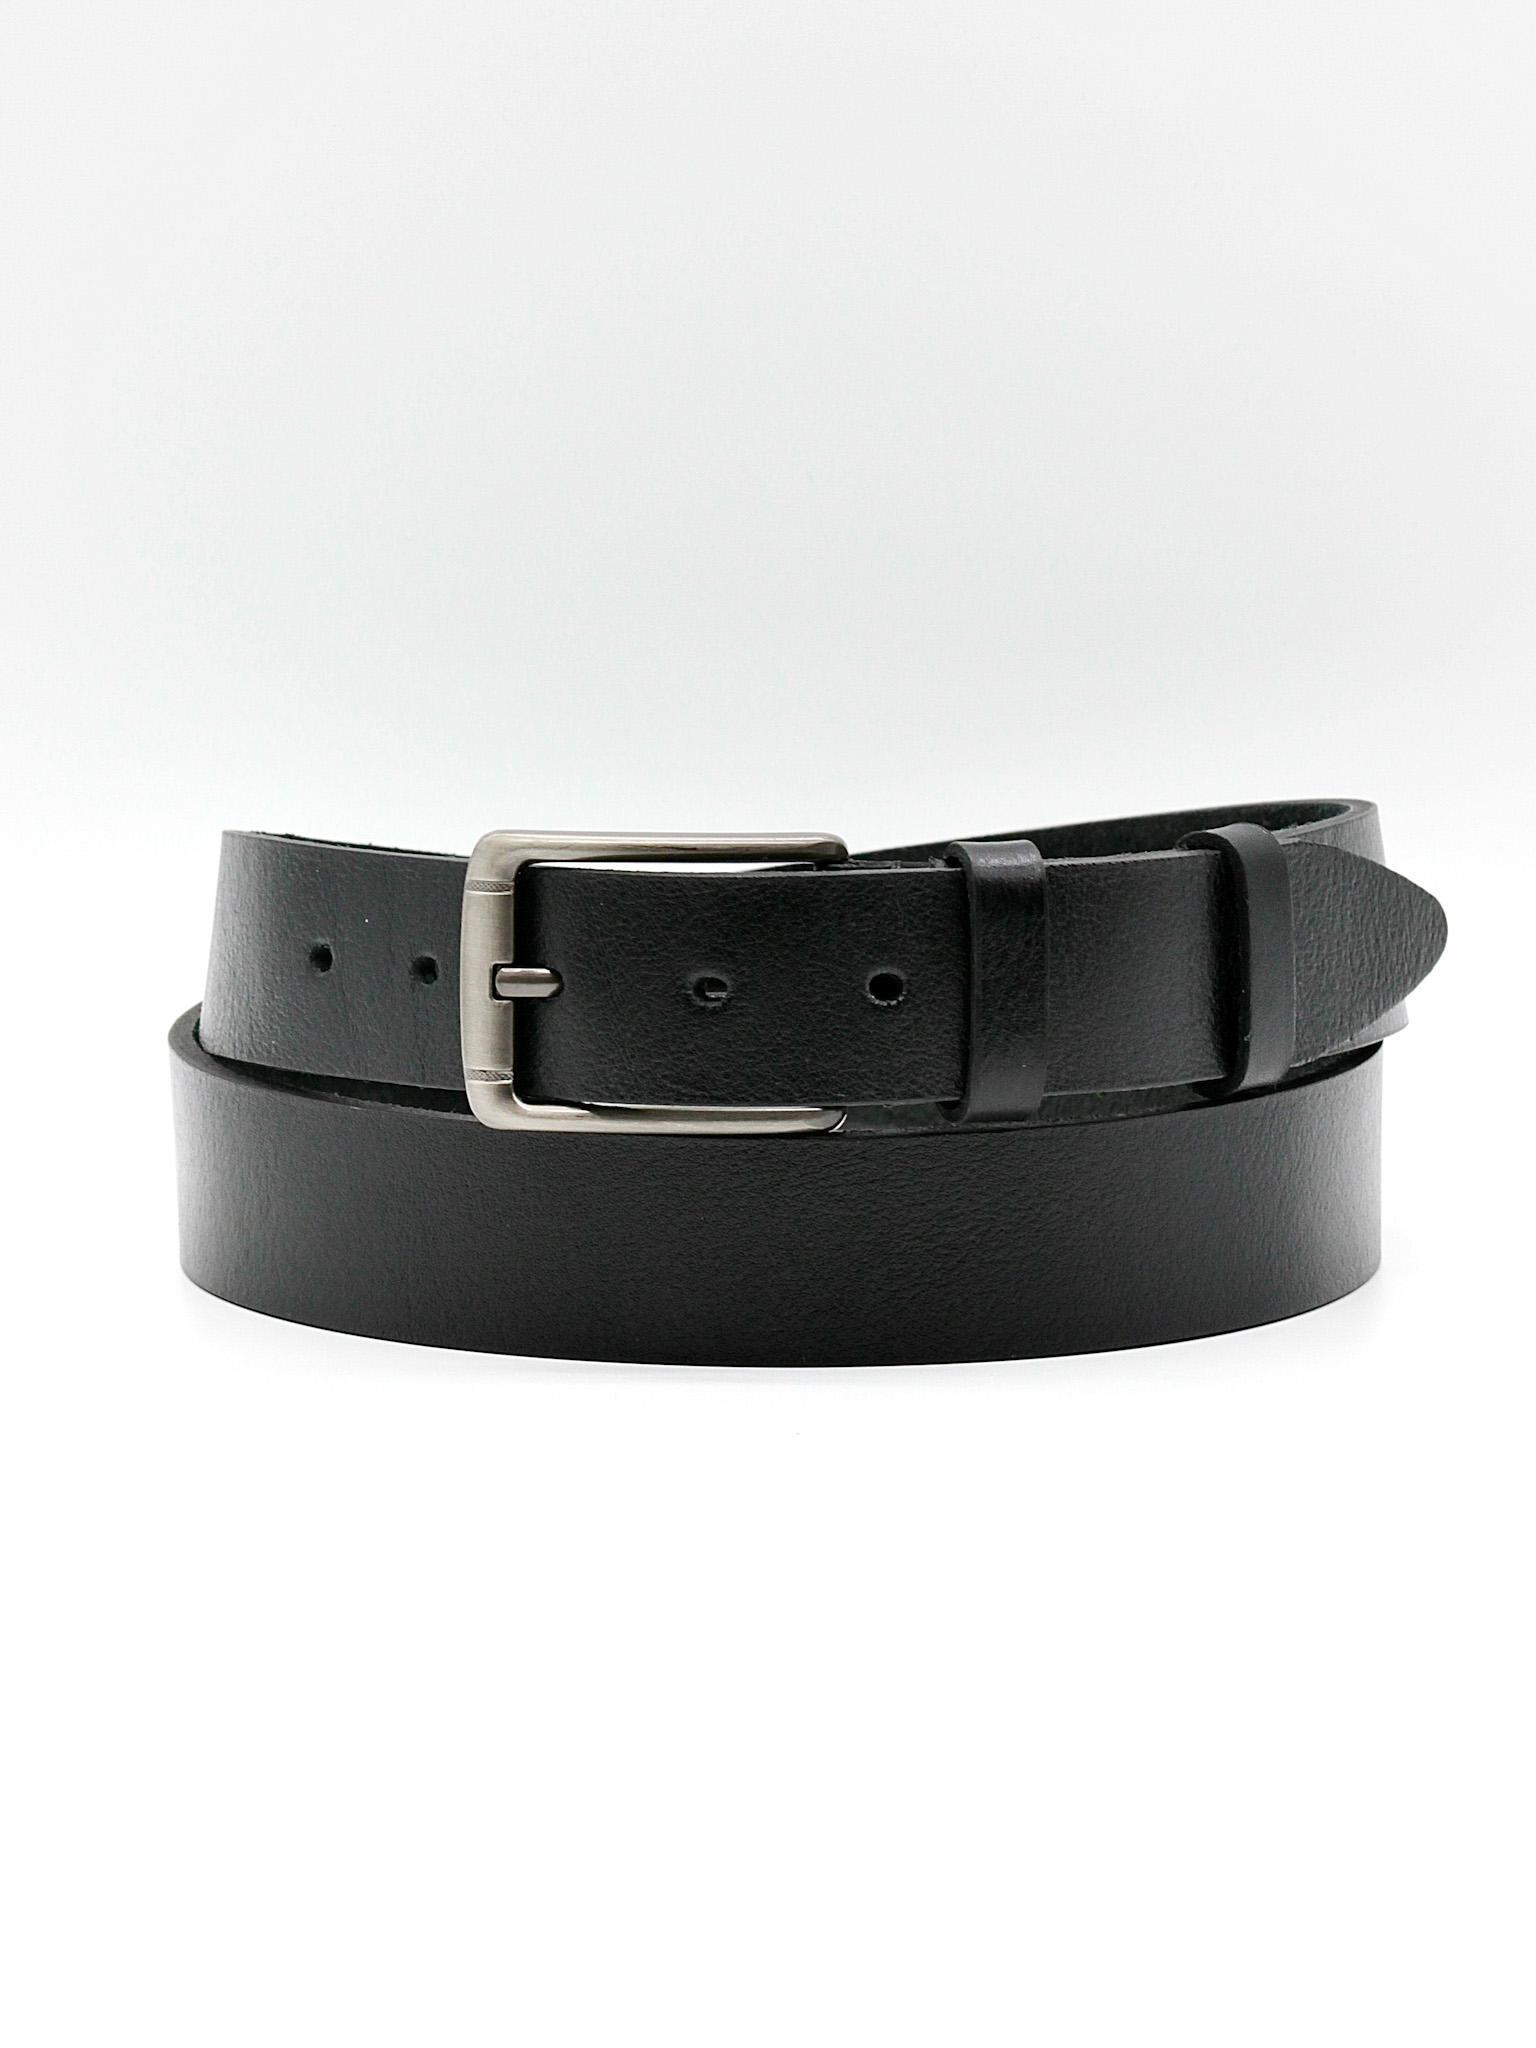 Мужской чёрный брючный ремень из натуральной кожи Doublecity RC34-07-01